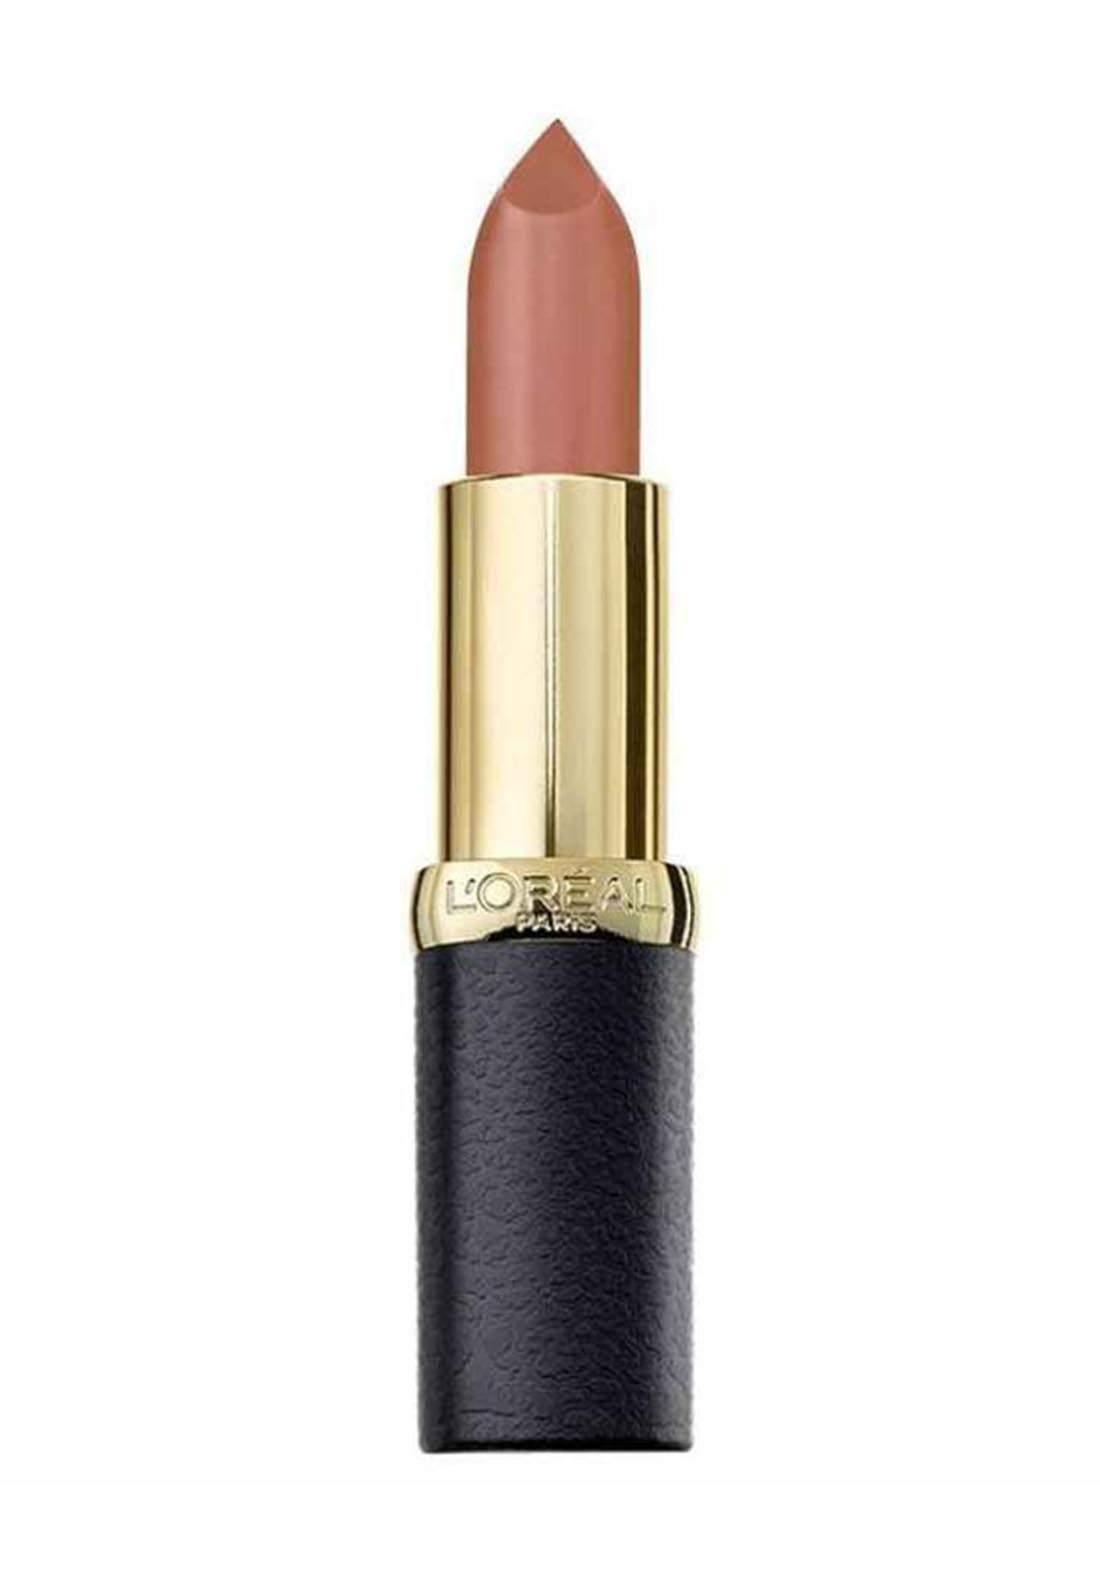 L'Oreal Paris Color Riche Matte Lipstick 634 Greige Perfecto (027-0851) احمر شفاه